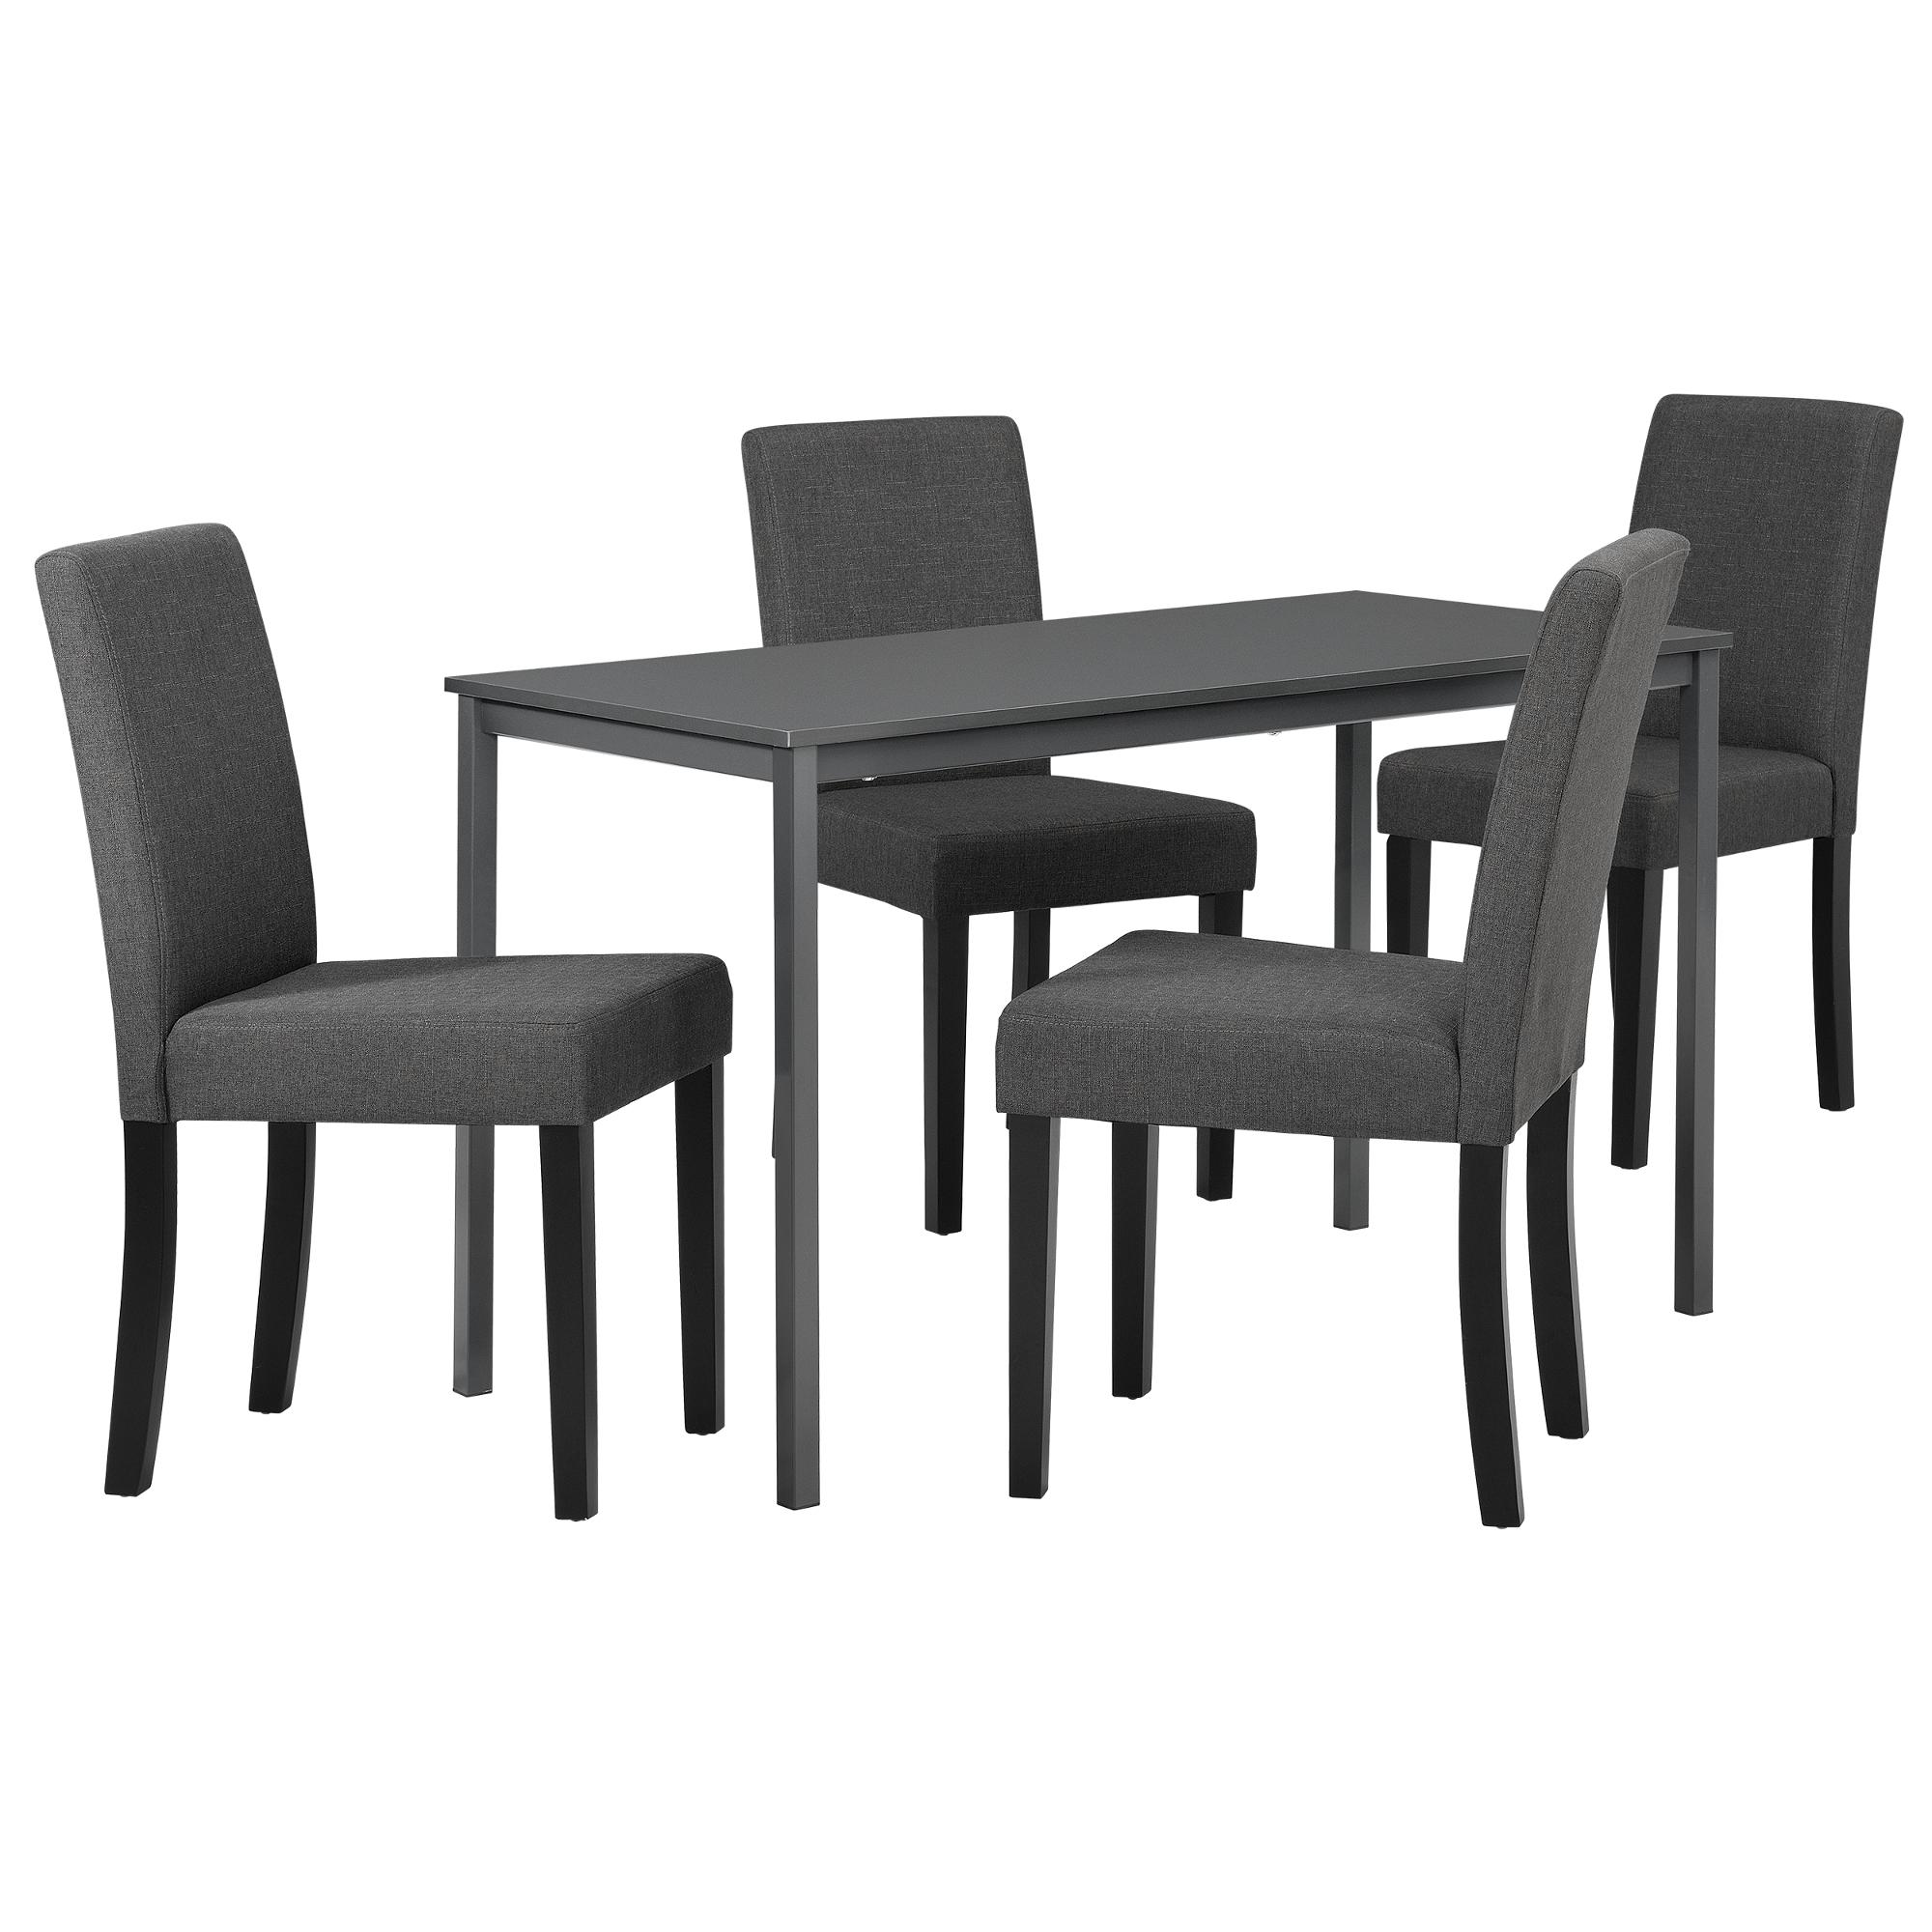 Mesa de Comedor con 4 Sillas Gris Oscuro 120x60cm | eBay